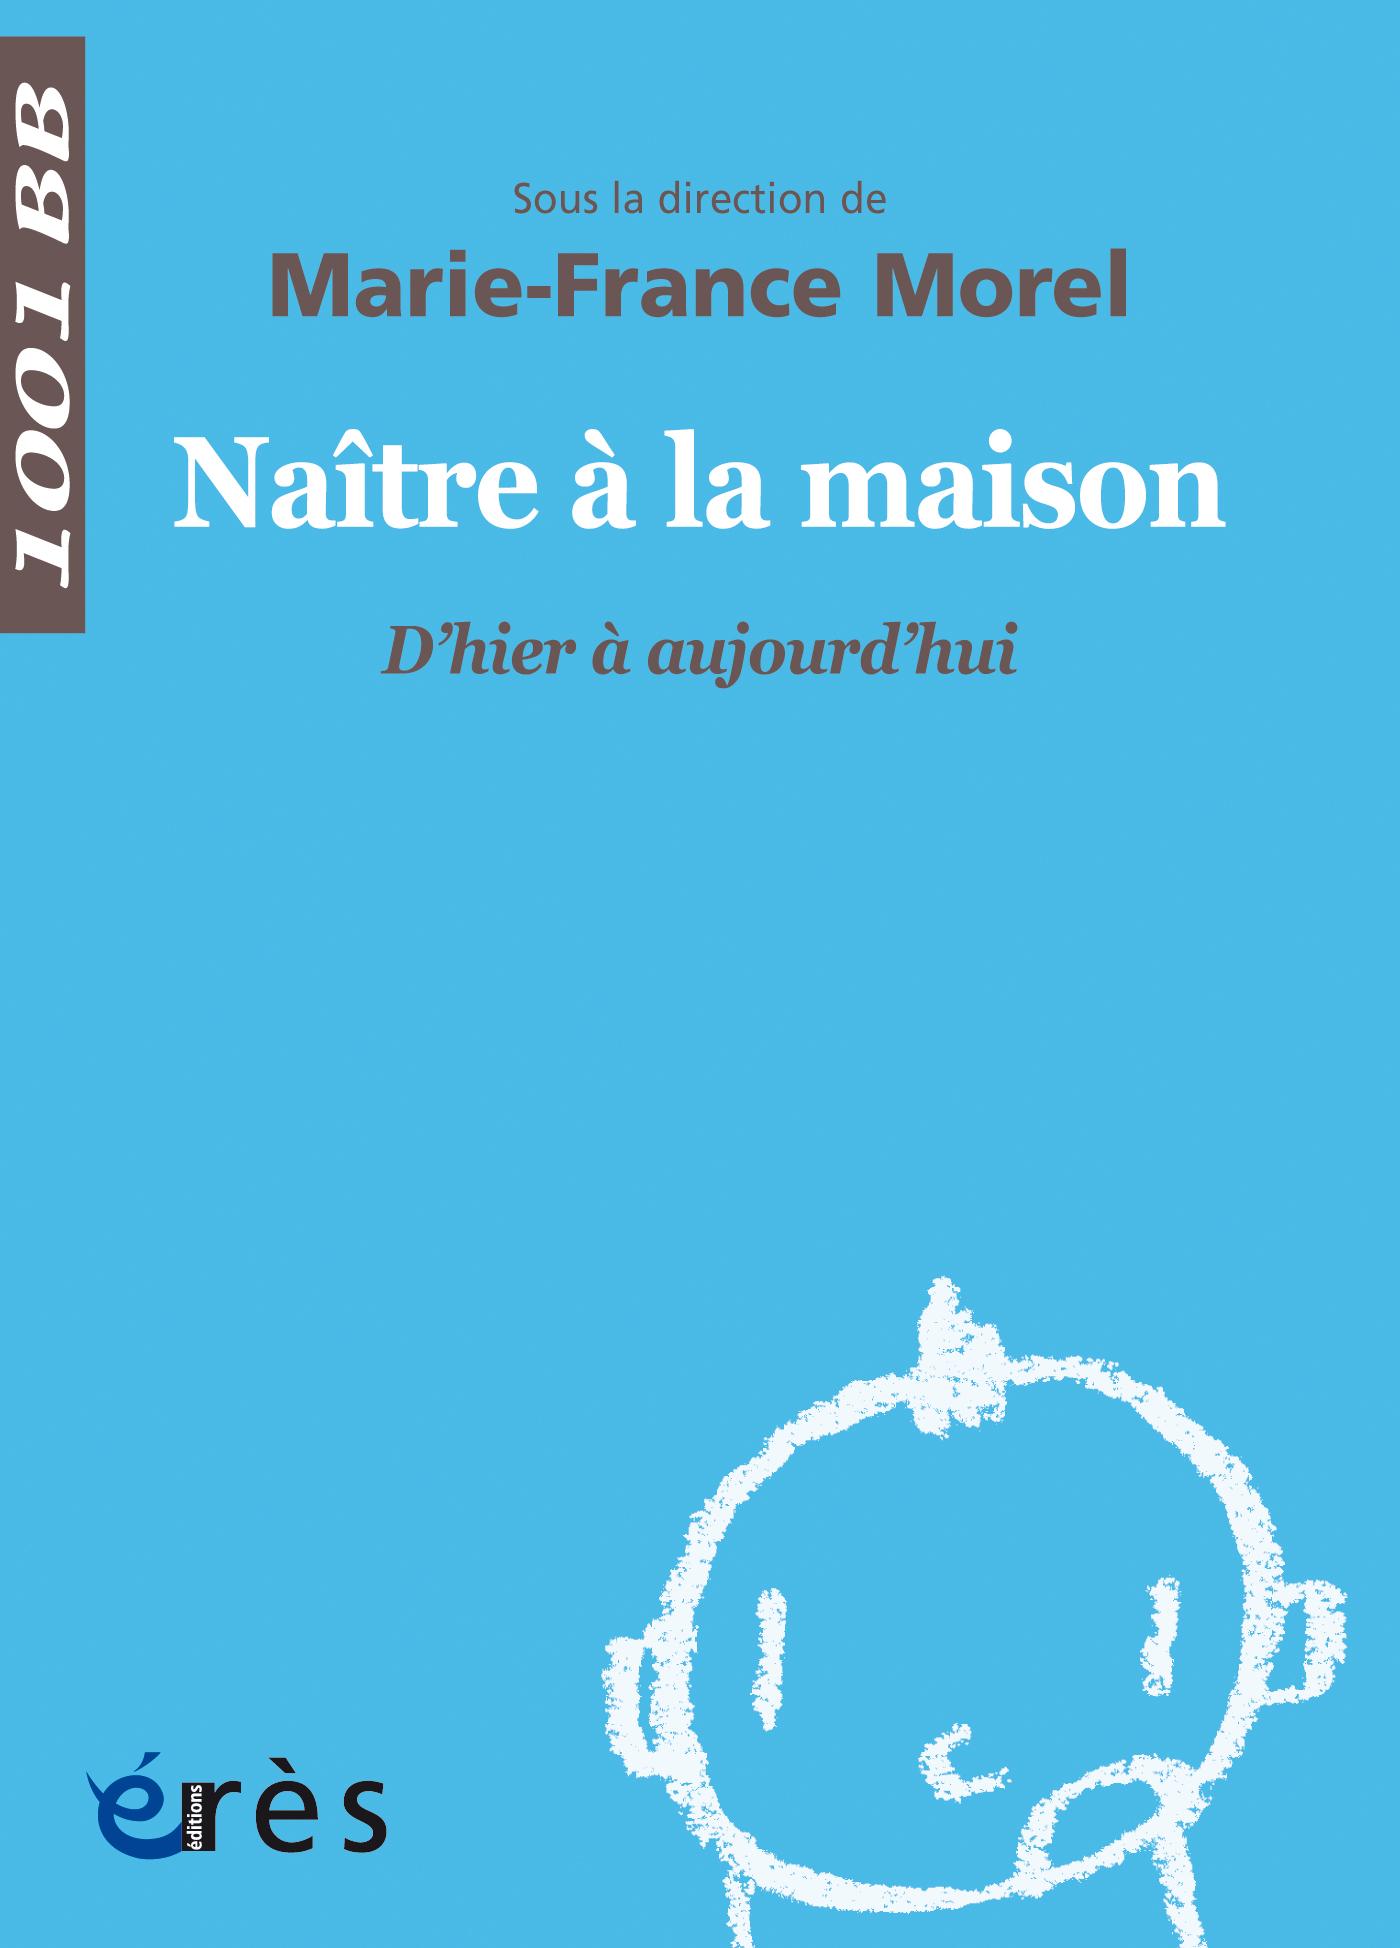 marie-france morel